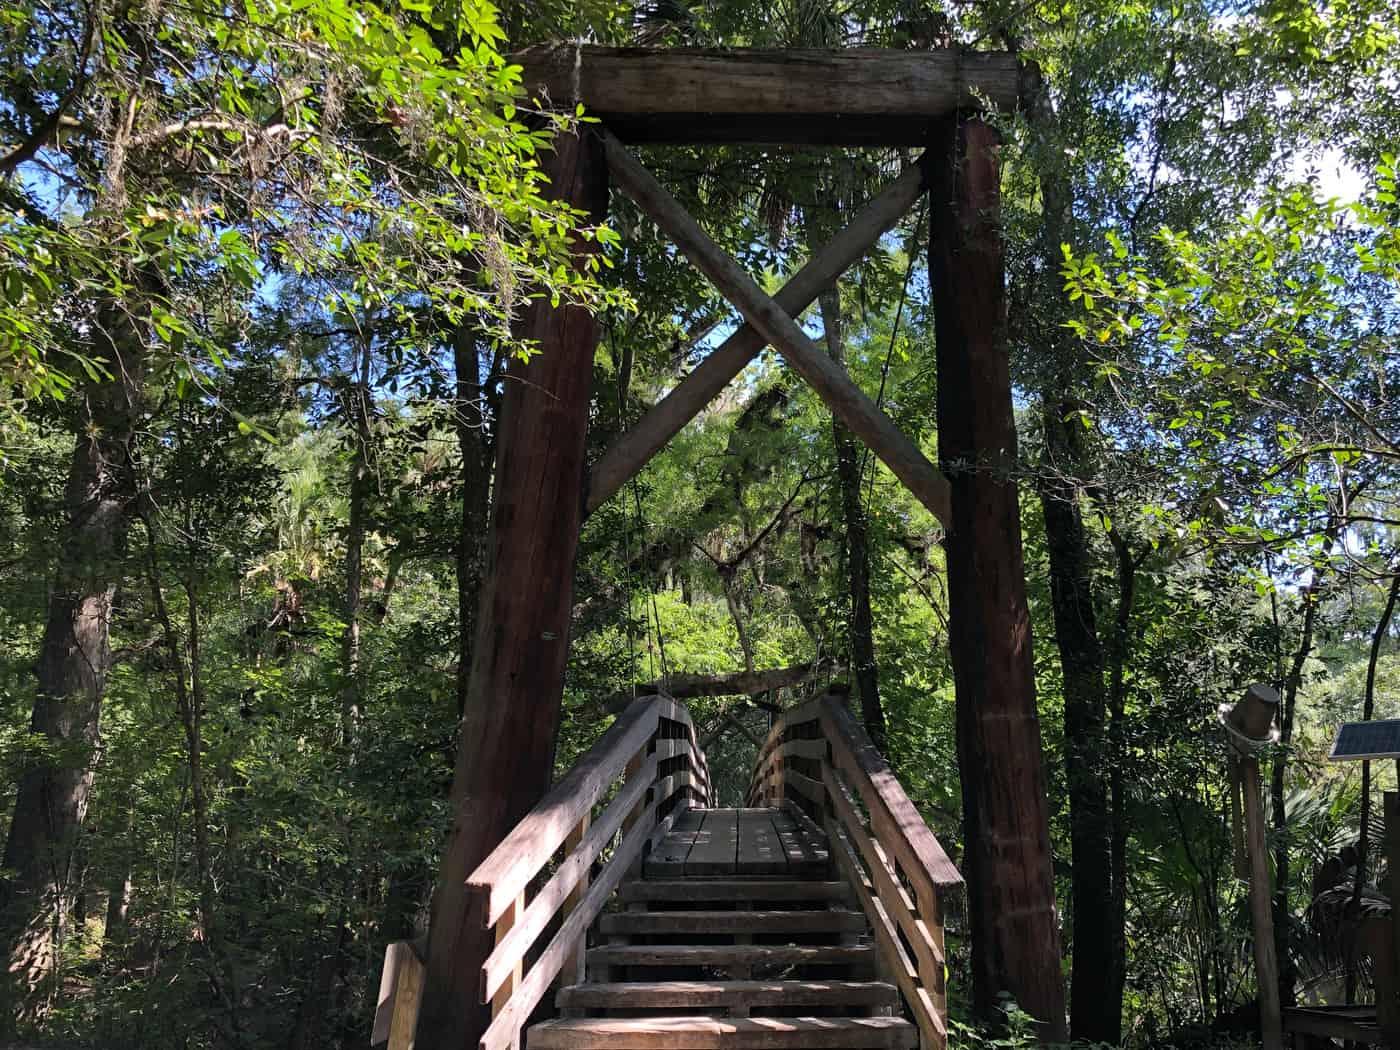 Suspension Bridge at Hillsborough River State Park